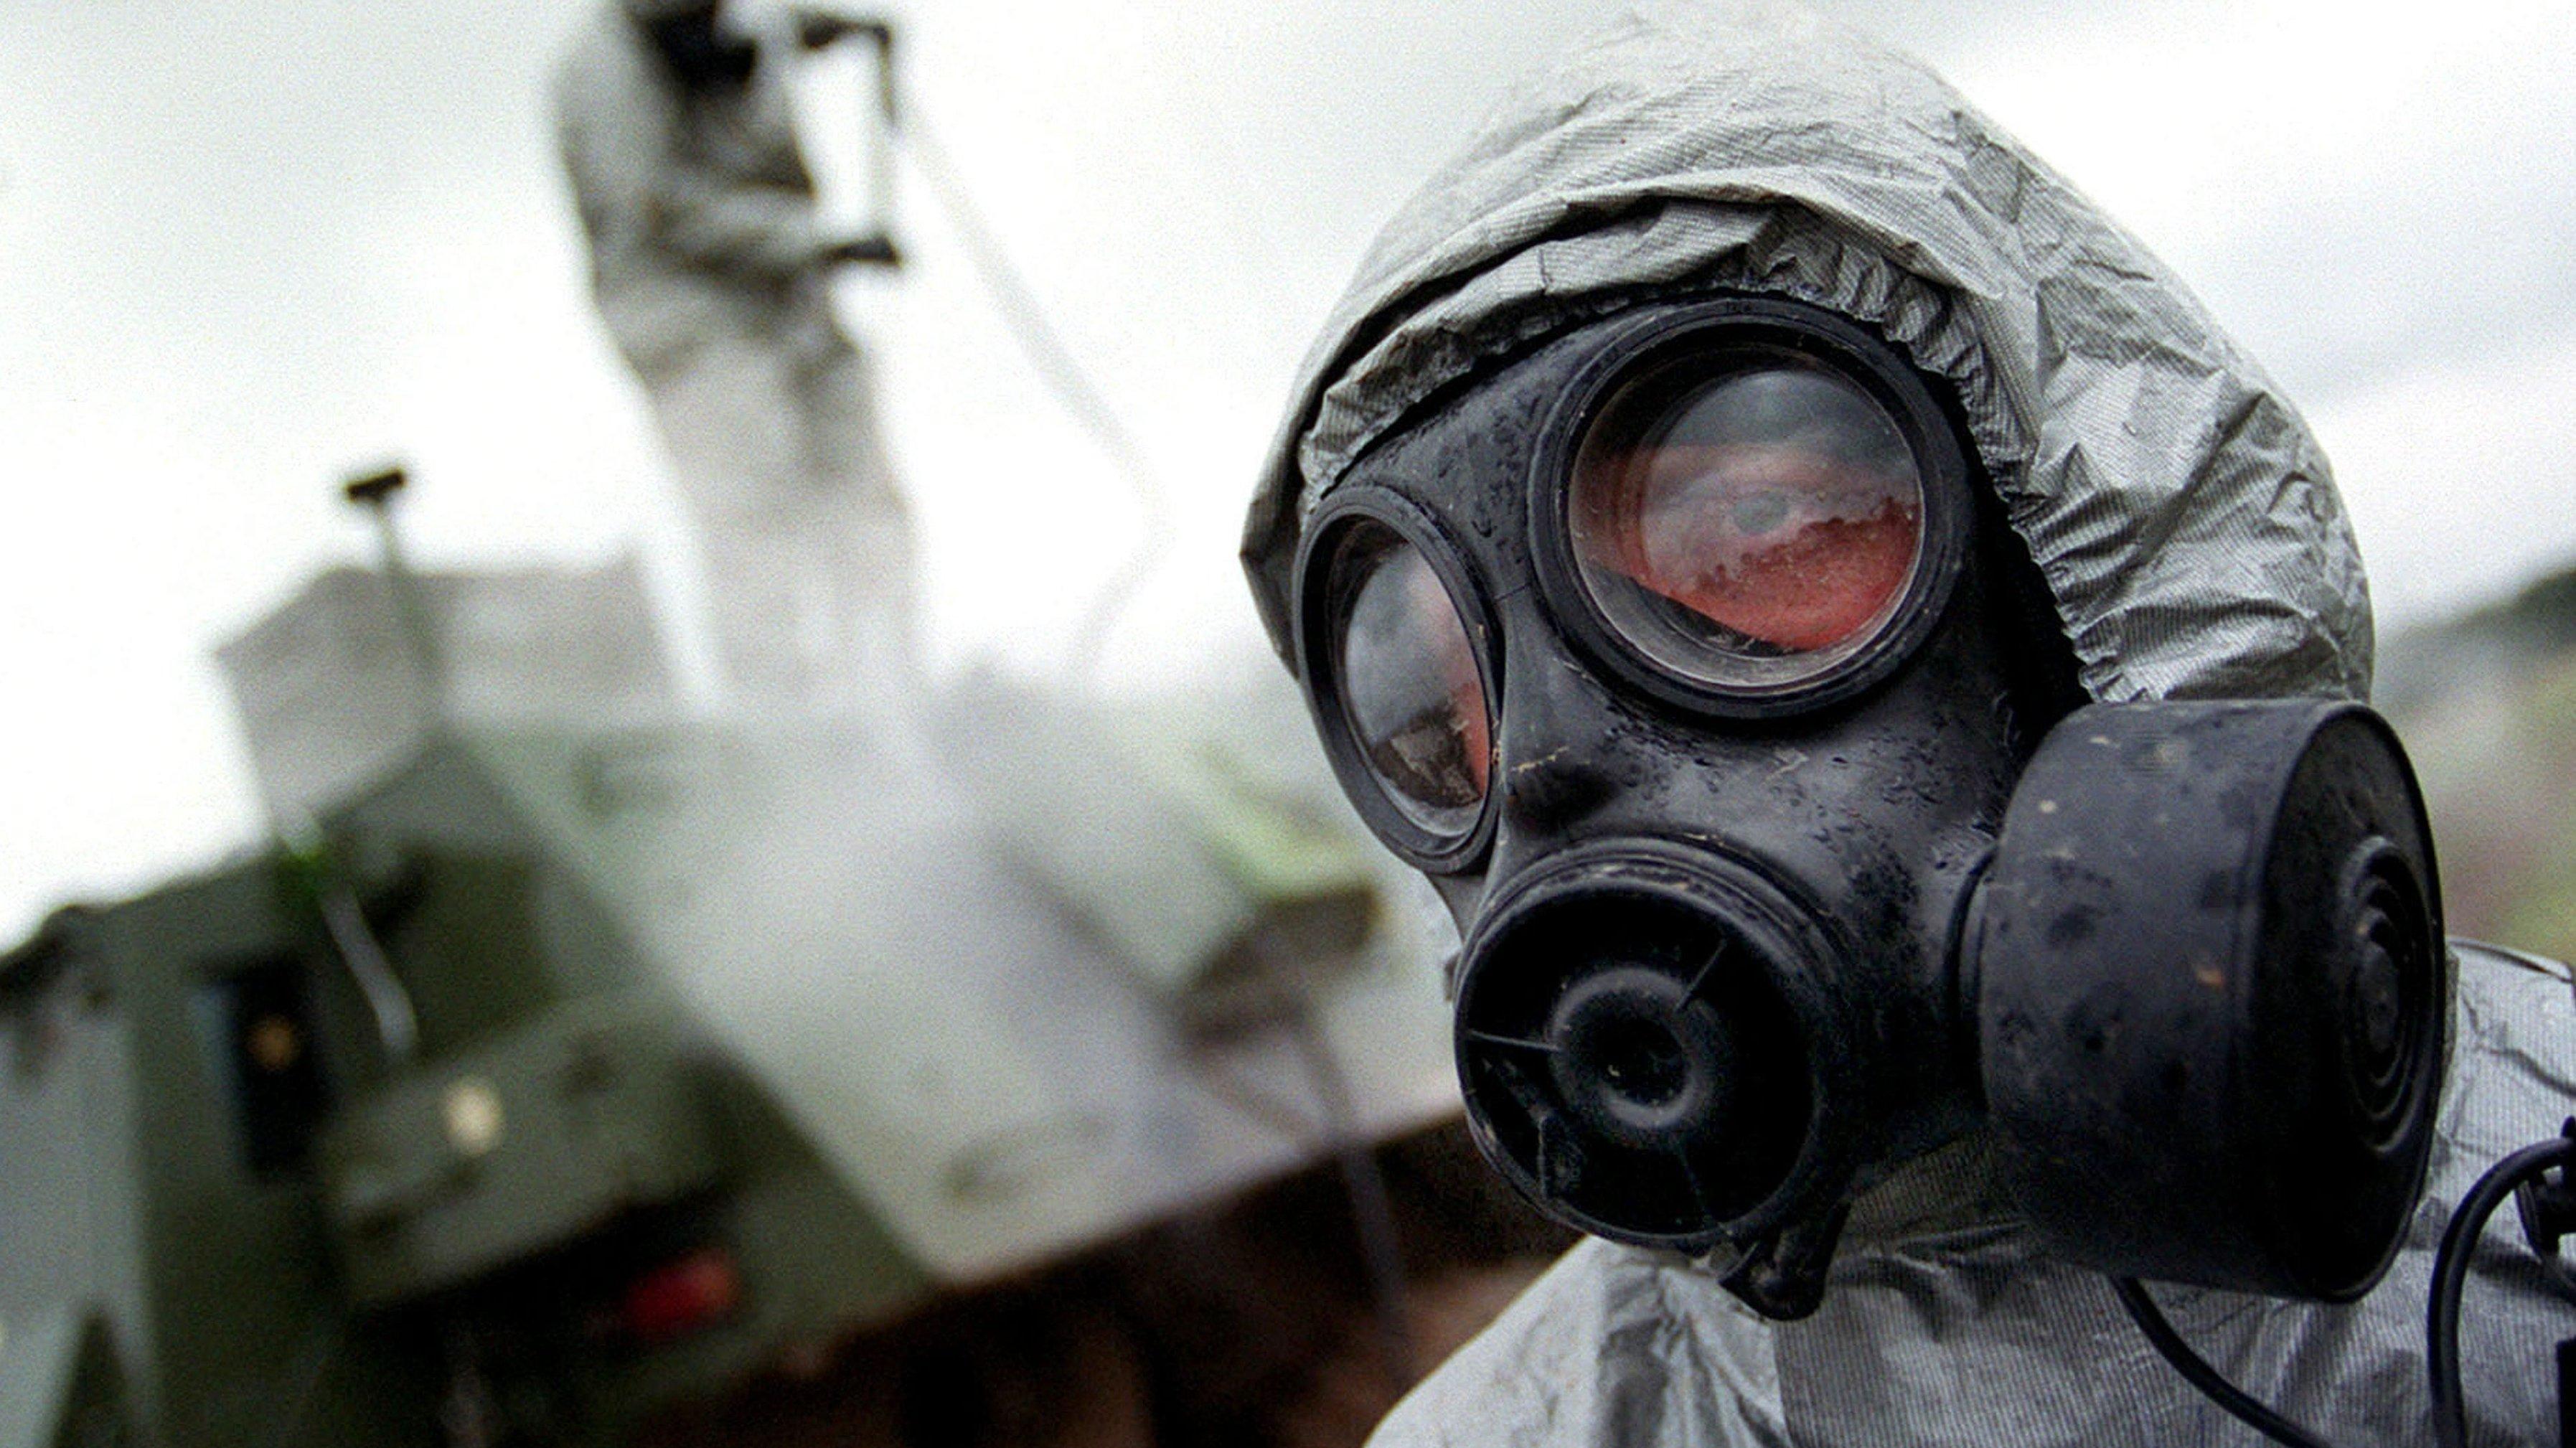 Минобороны заявило о готовящейся провокации с химоружием в Сирии